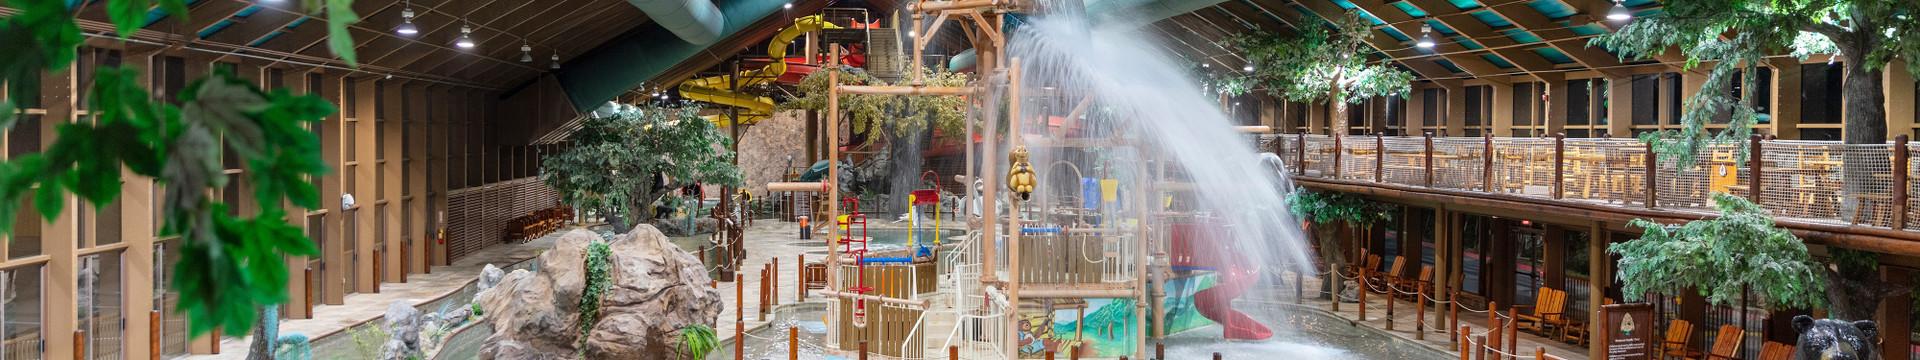 Wild Bear Falls Water Park | Westgate Smoky Mountain Resort